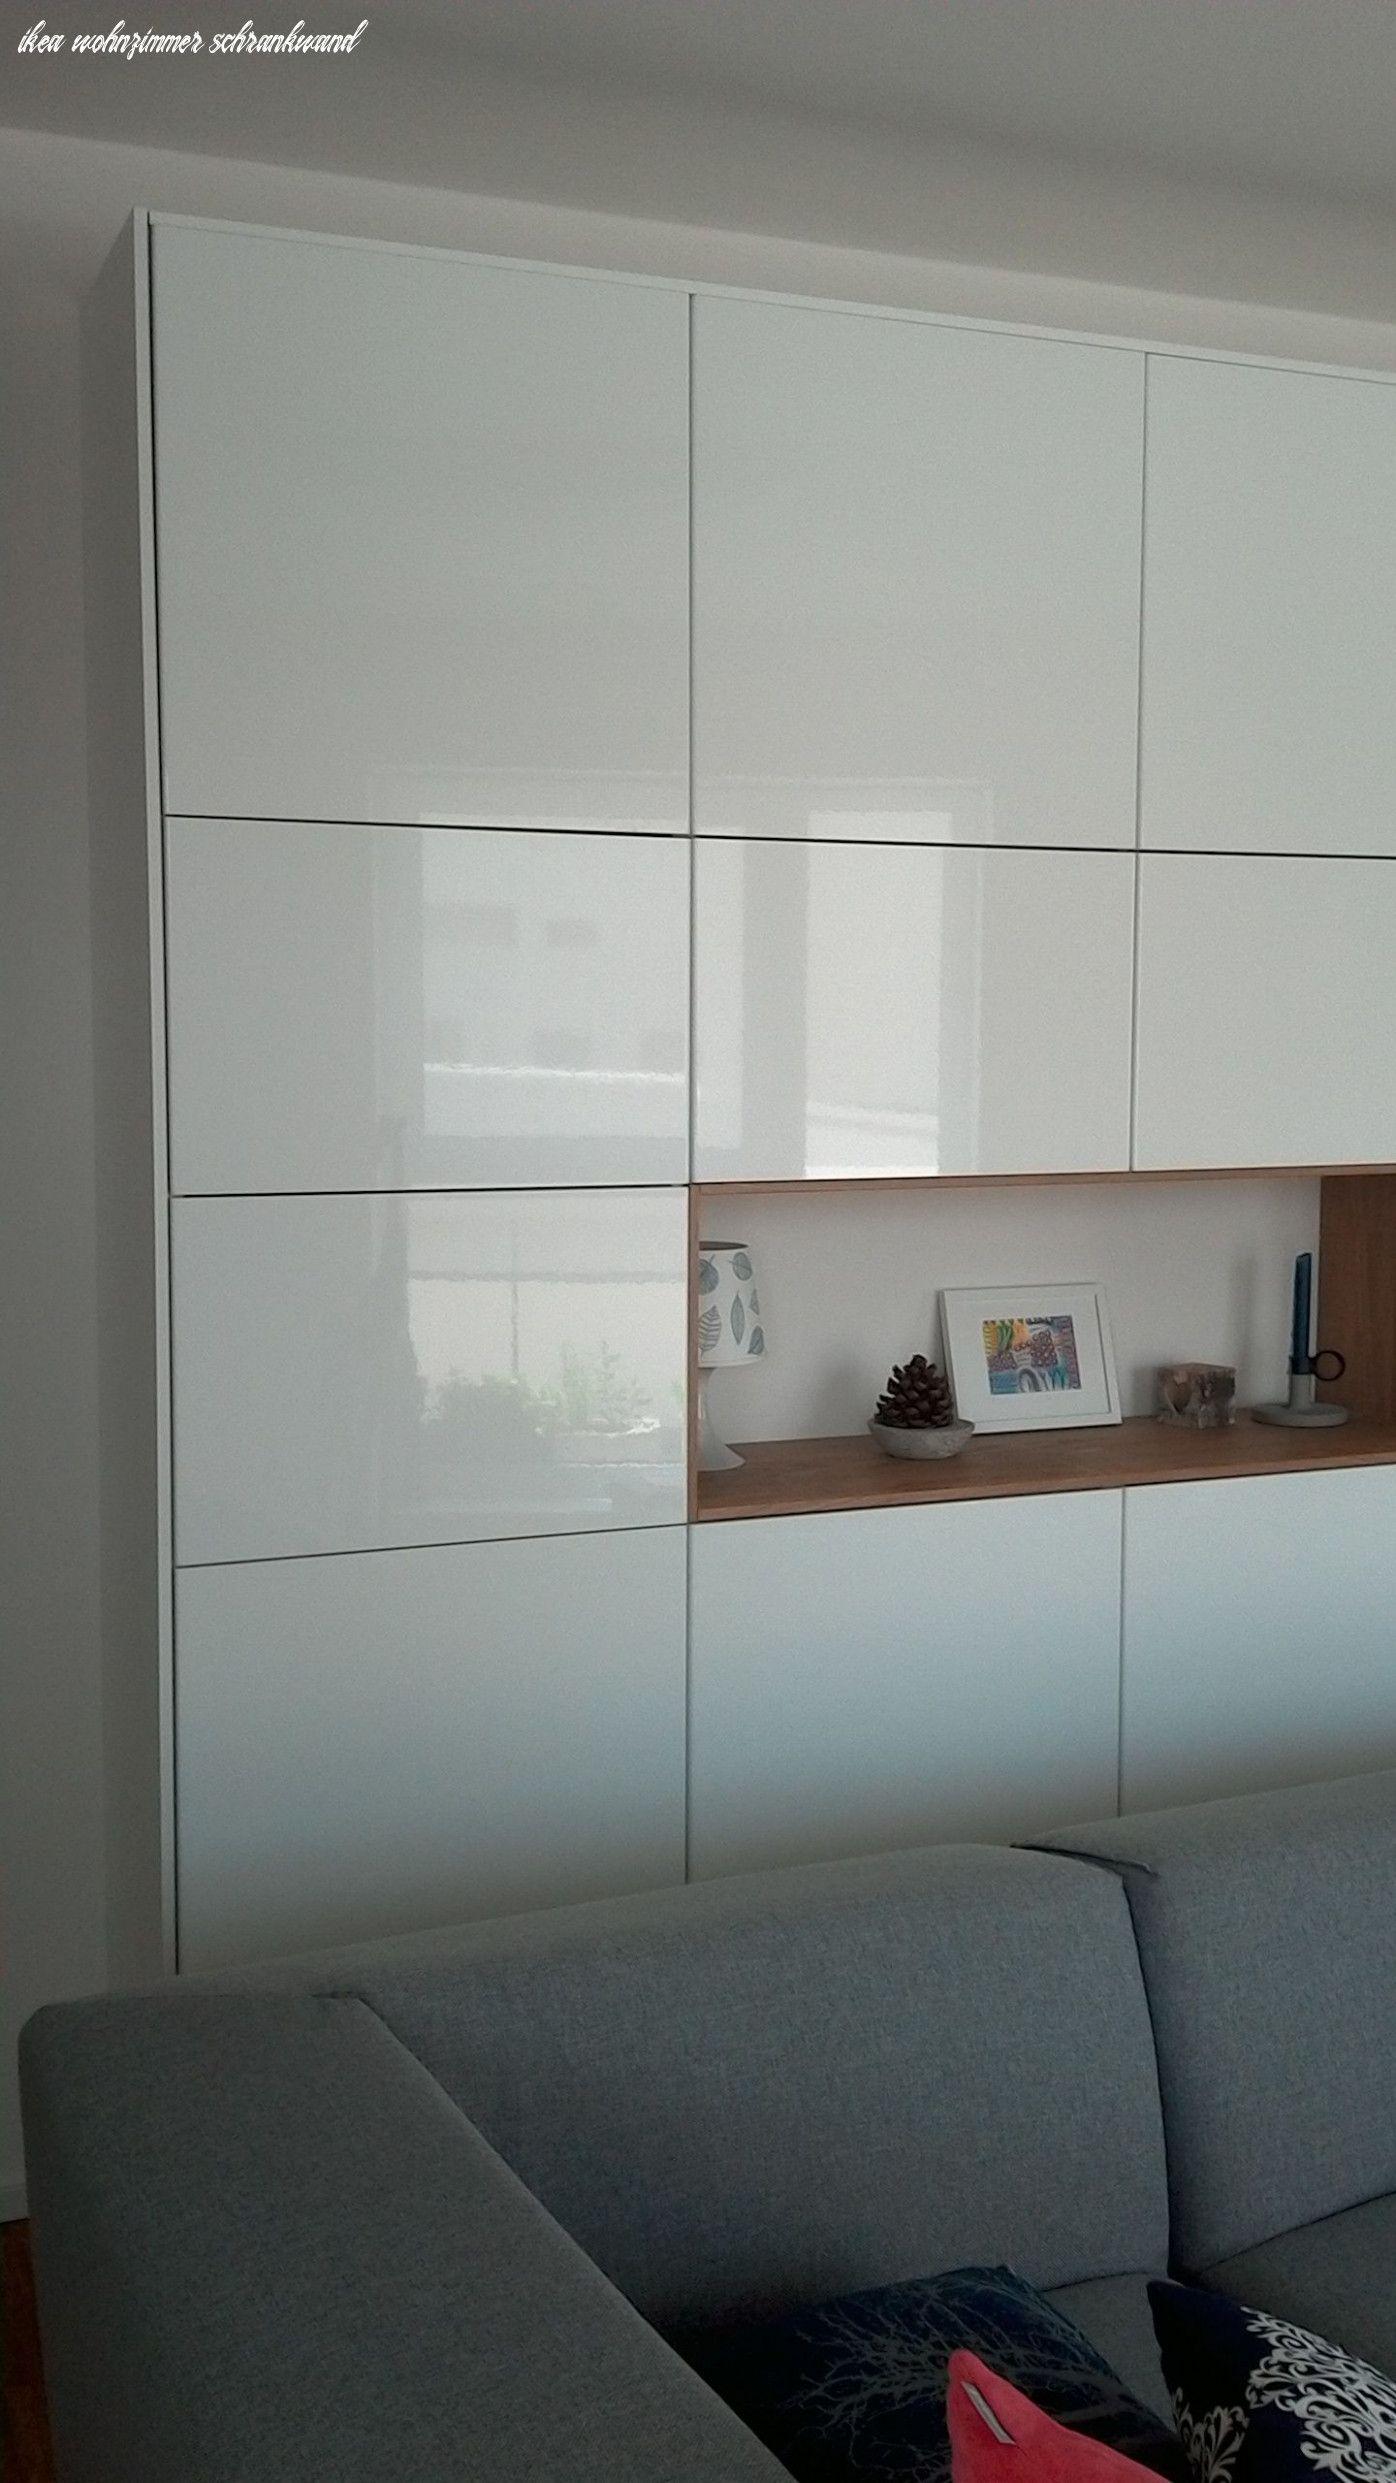 Die Schockierende Offenbarung Von Ikea Wohnzimmer Schrankwand In 2020 Wohnzimmerschrank Ikea Wohnzimmerschranke Ikea Wohnzimmer